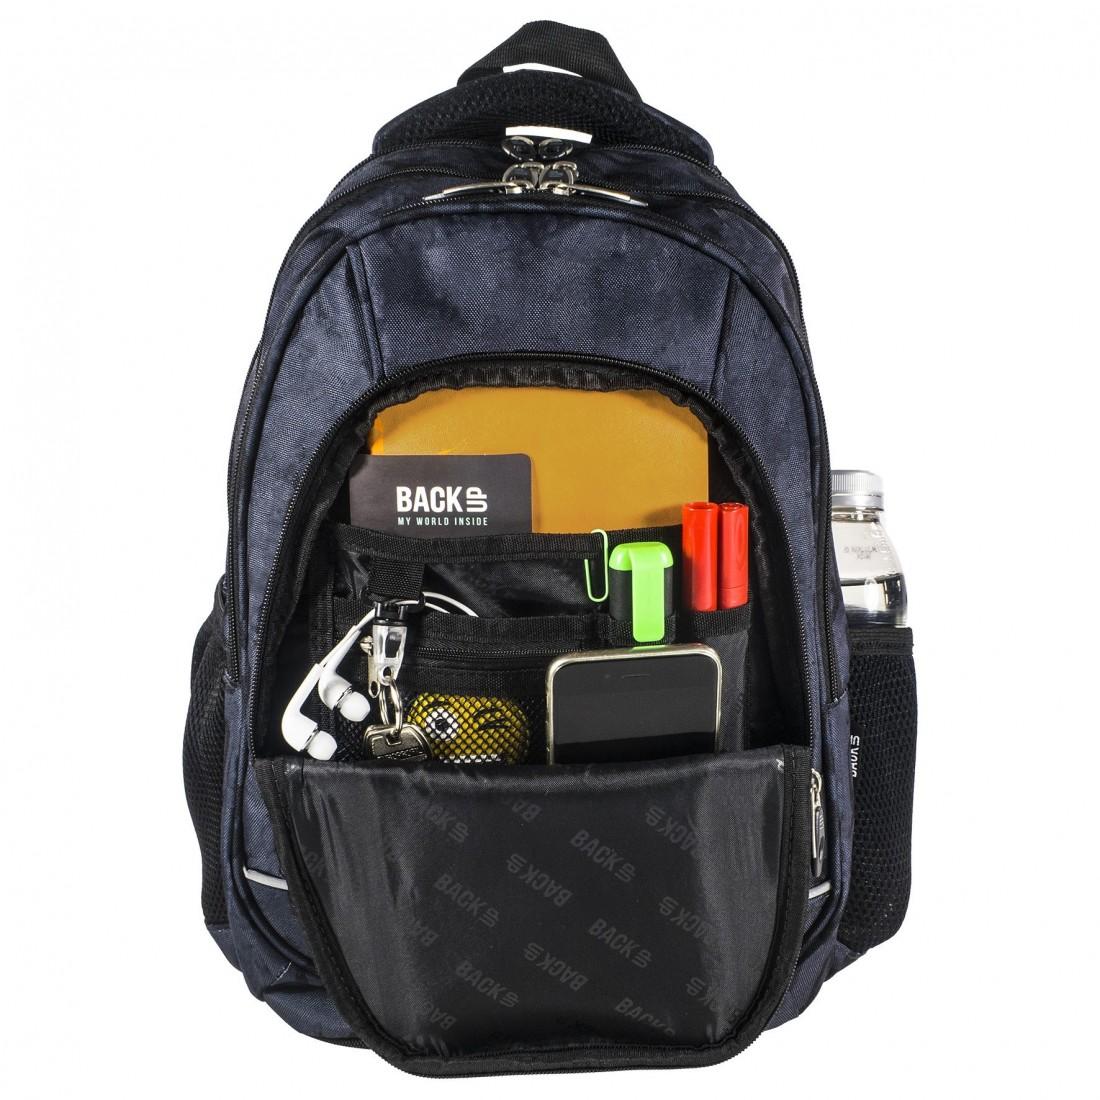 2621b1024a90c Plecak dla dziewczyny pióra BackUP A 24 do szkoły + słuchawki ...